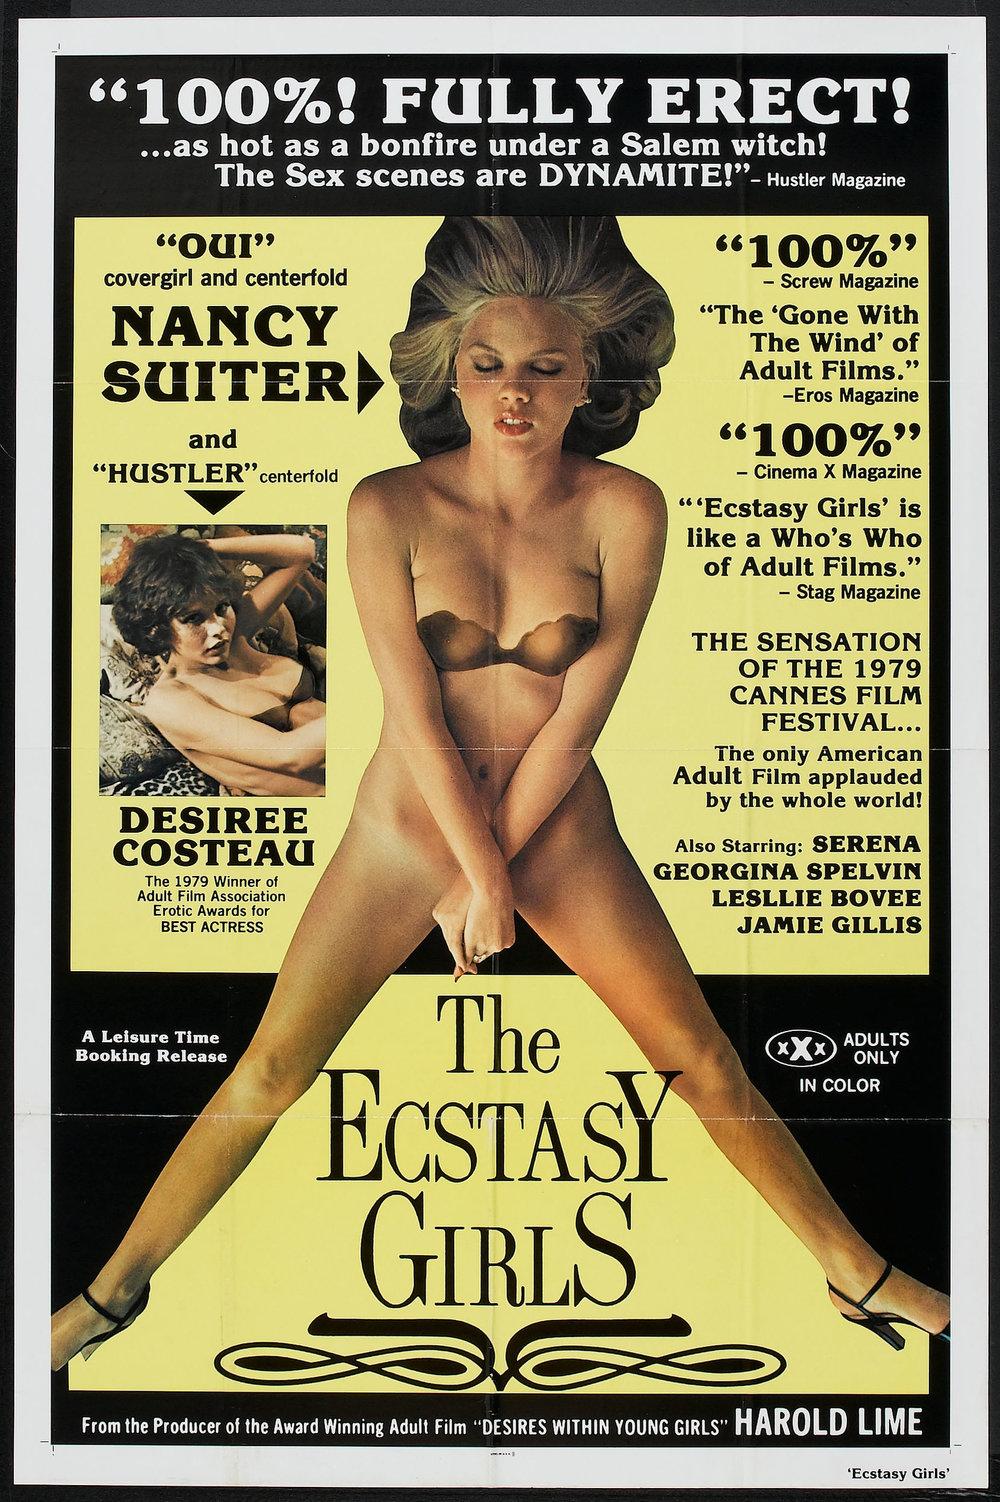 ecstasy_girls_poster_01.jpg